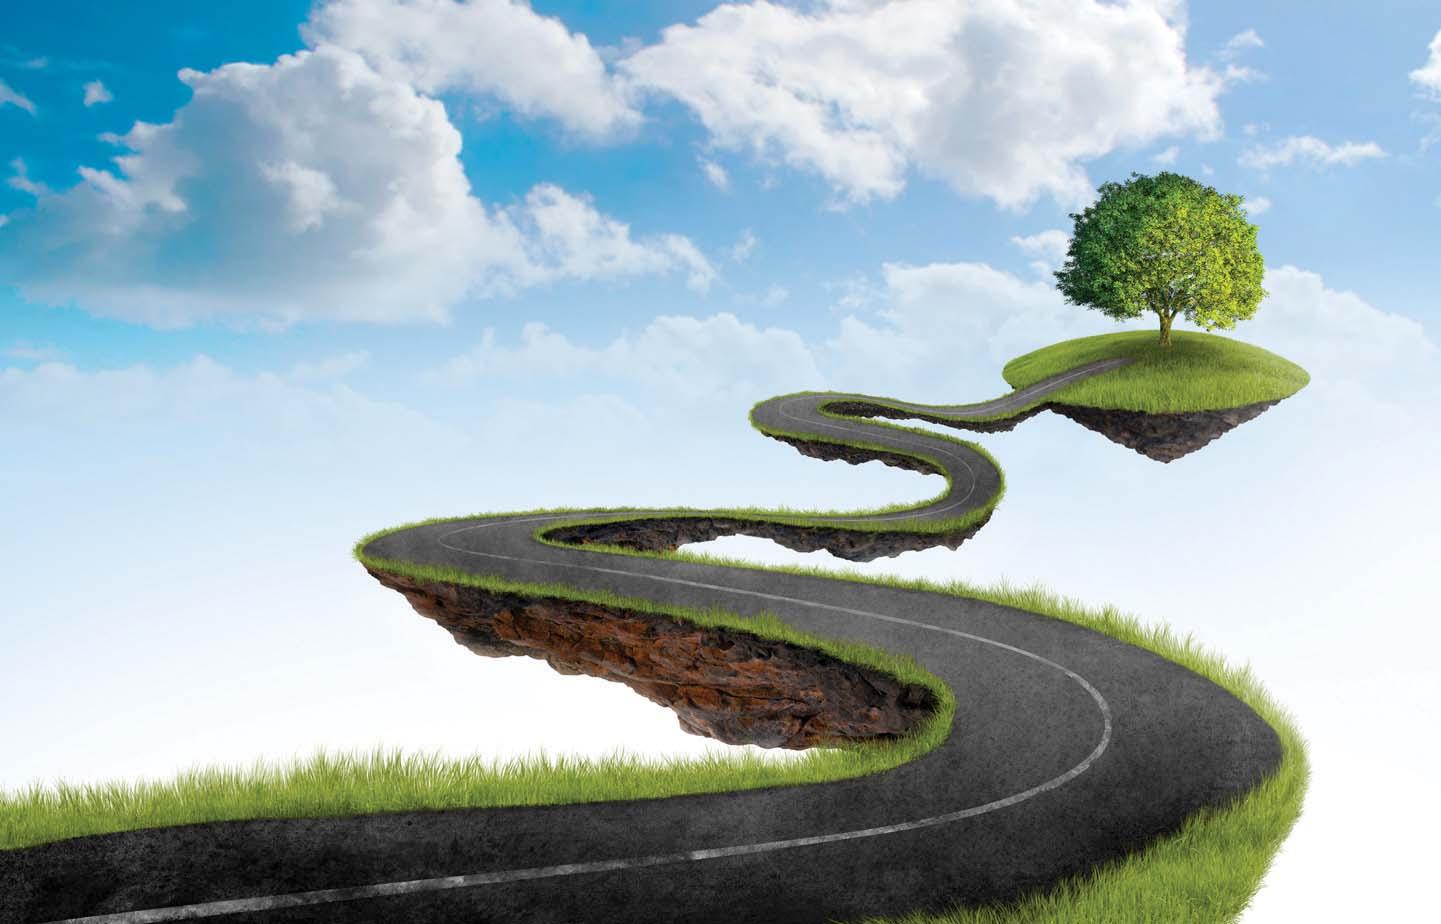 Linea Verde Bitroad di Bitem: bitumi stradali polifunzionali ed ecosostenibili